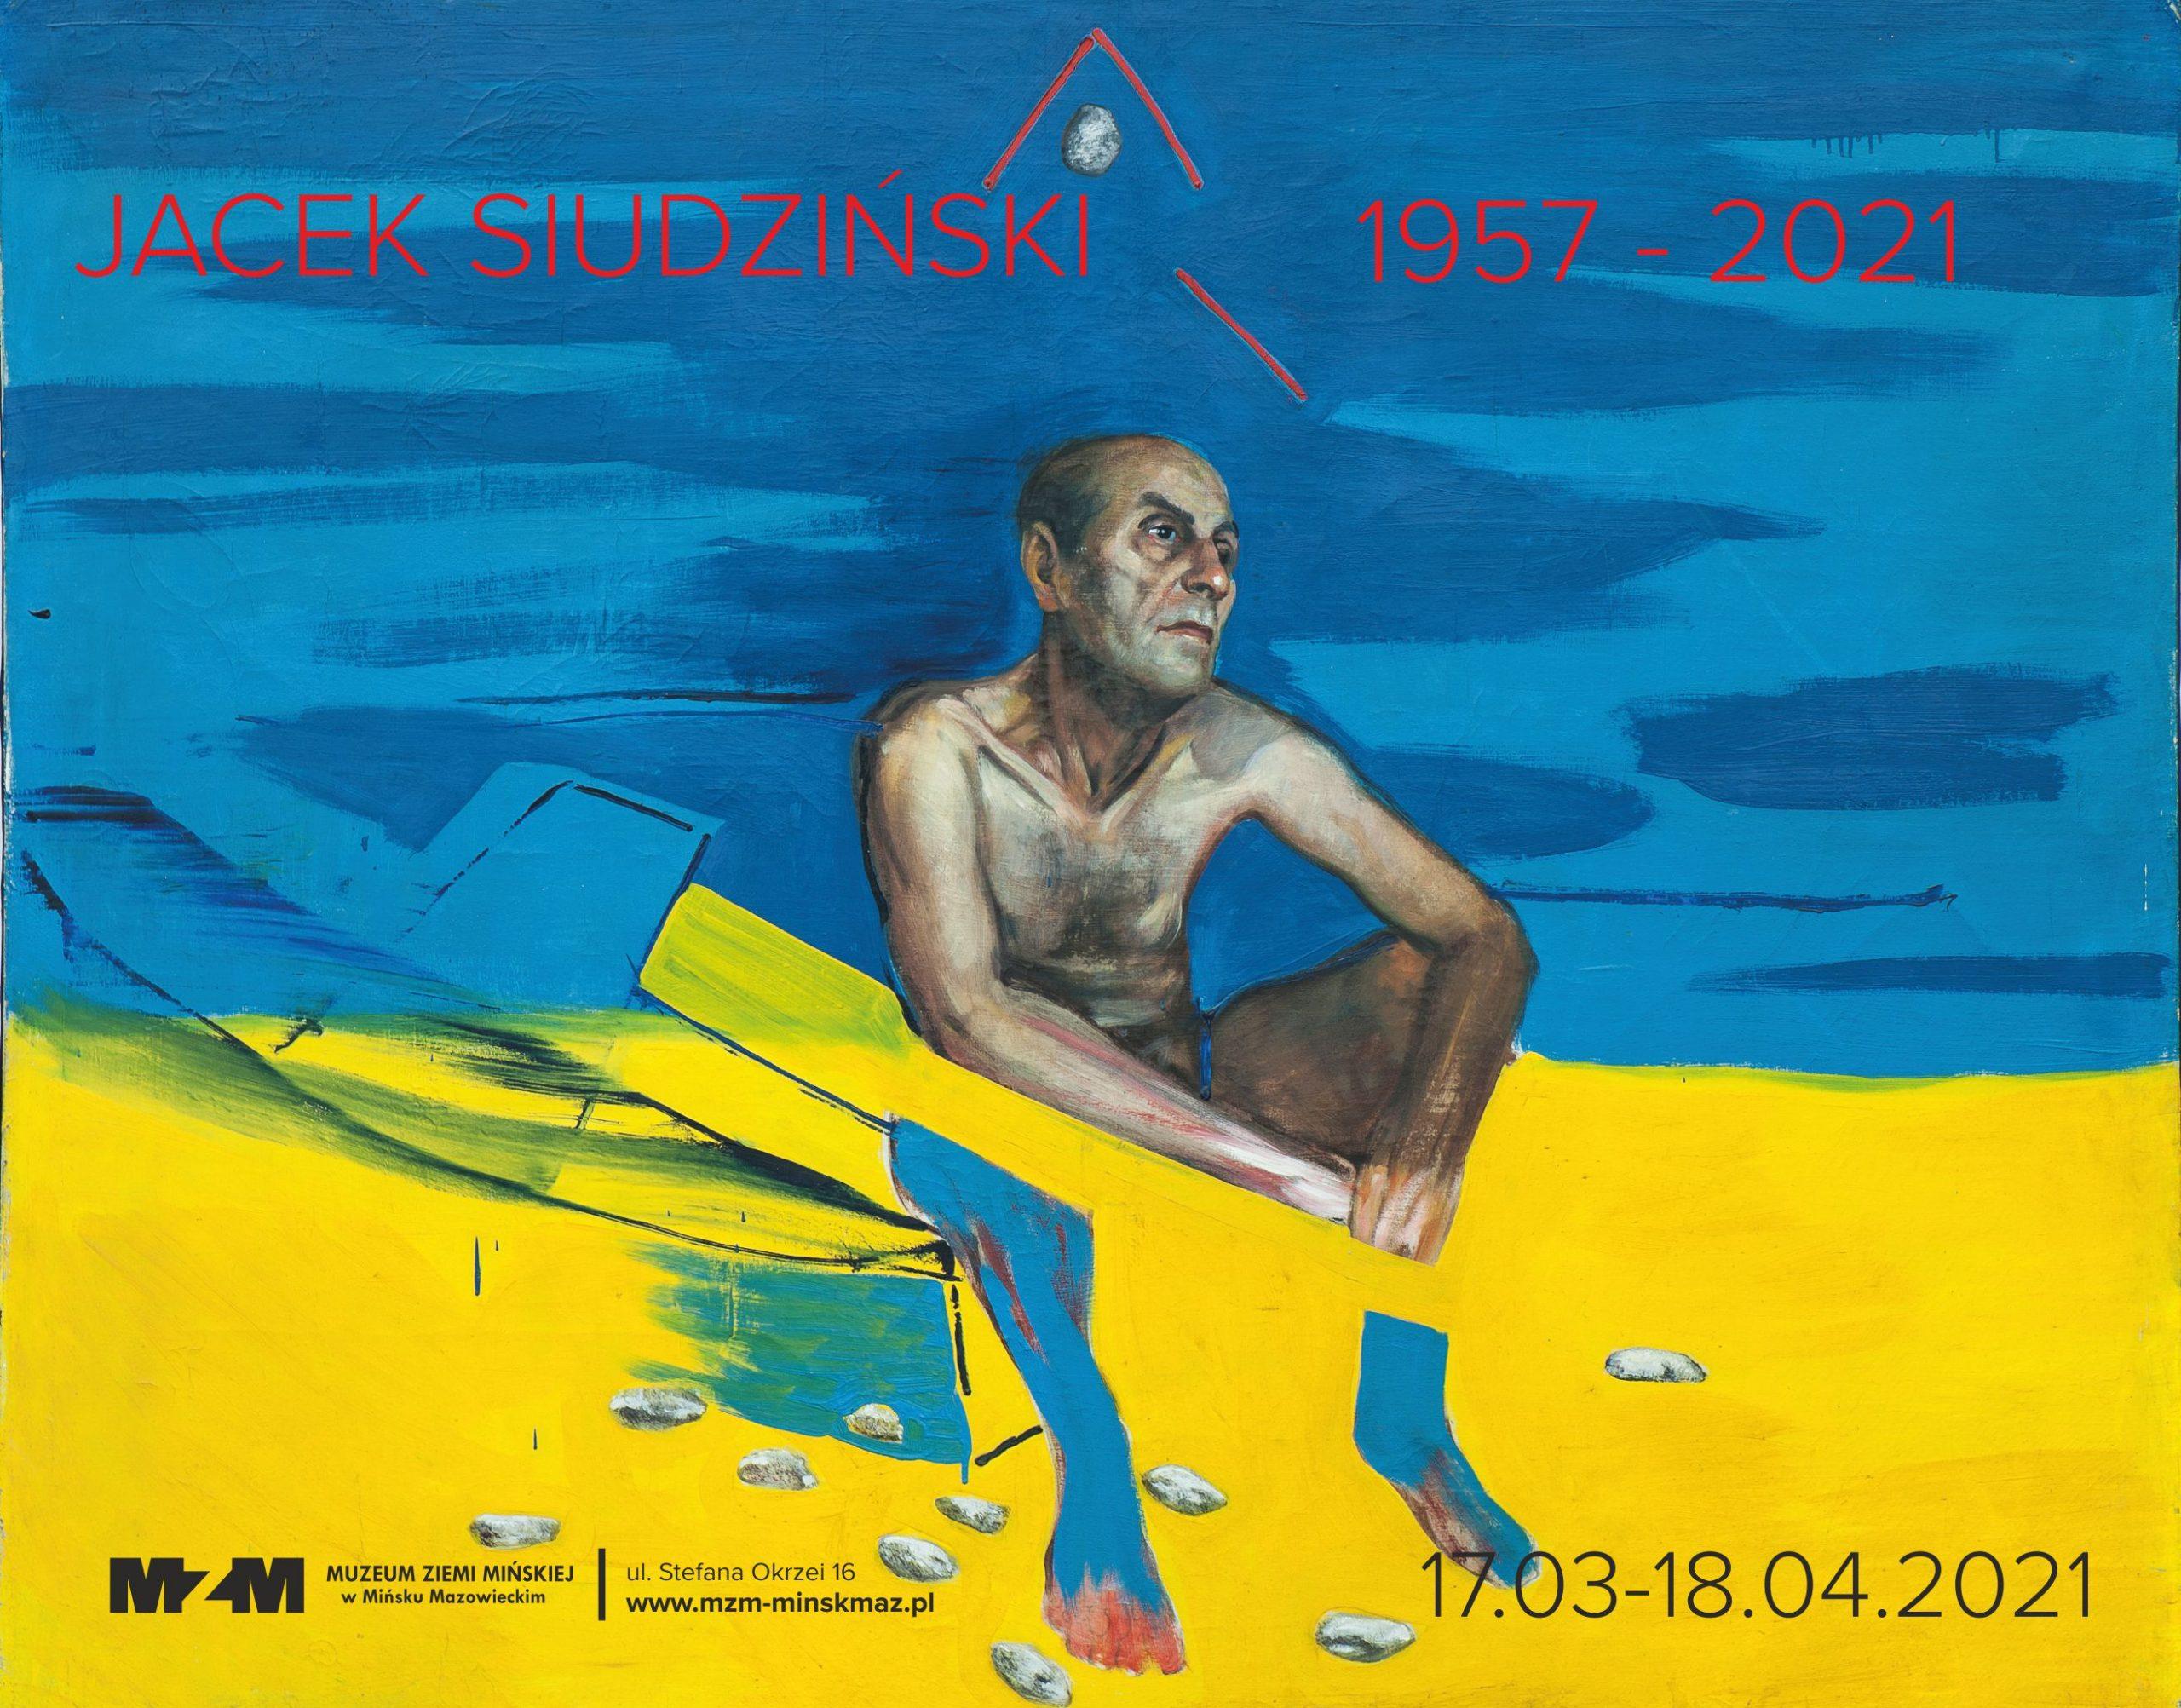 Jacek Siudziński 1957-2021